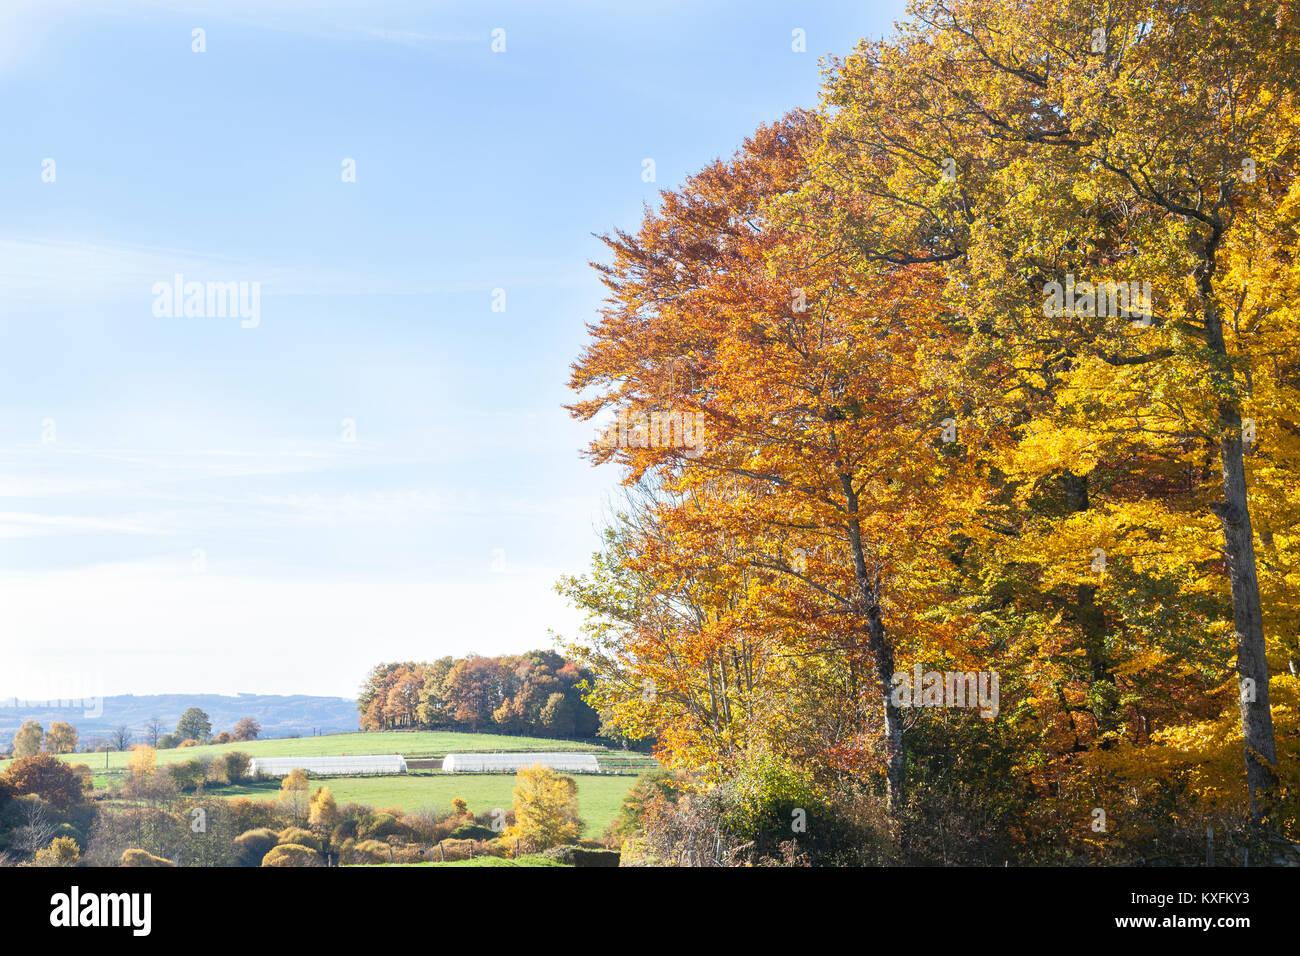 Creuse, Nouvelle-Aquitaine, Frankreich, Landschaft im Herbst mit bunten Buche und Misty rolling hills Stockbild